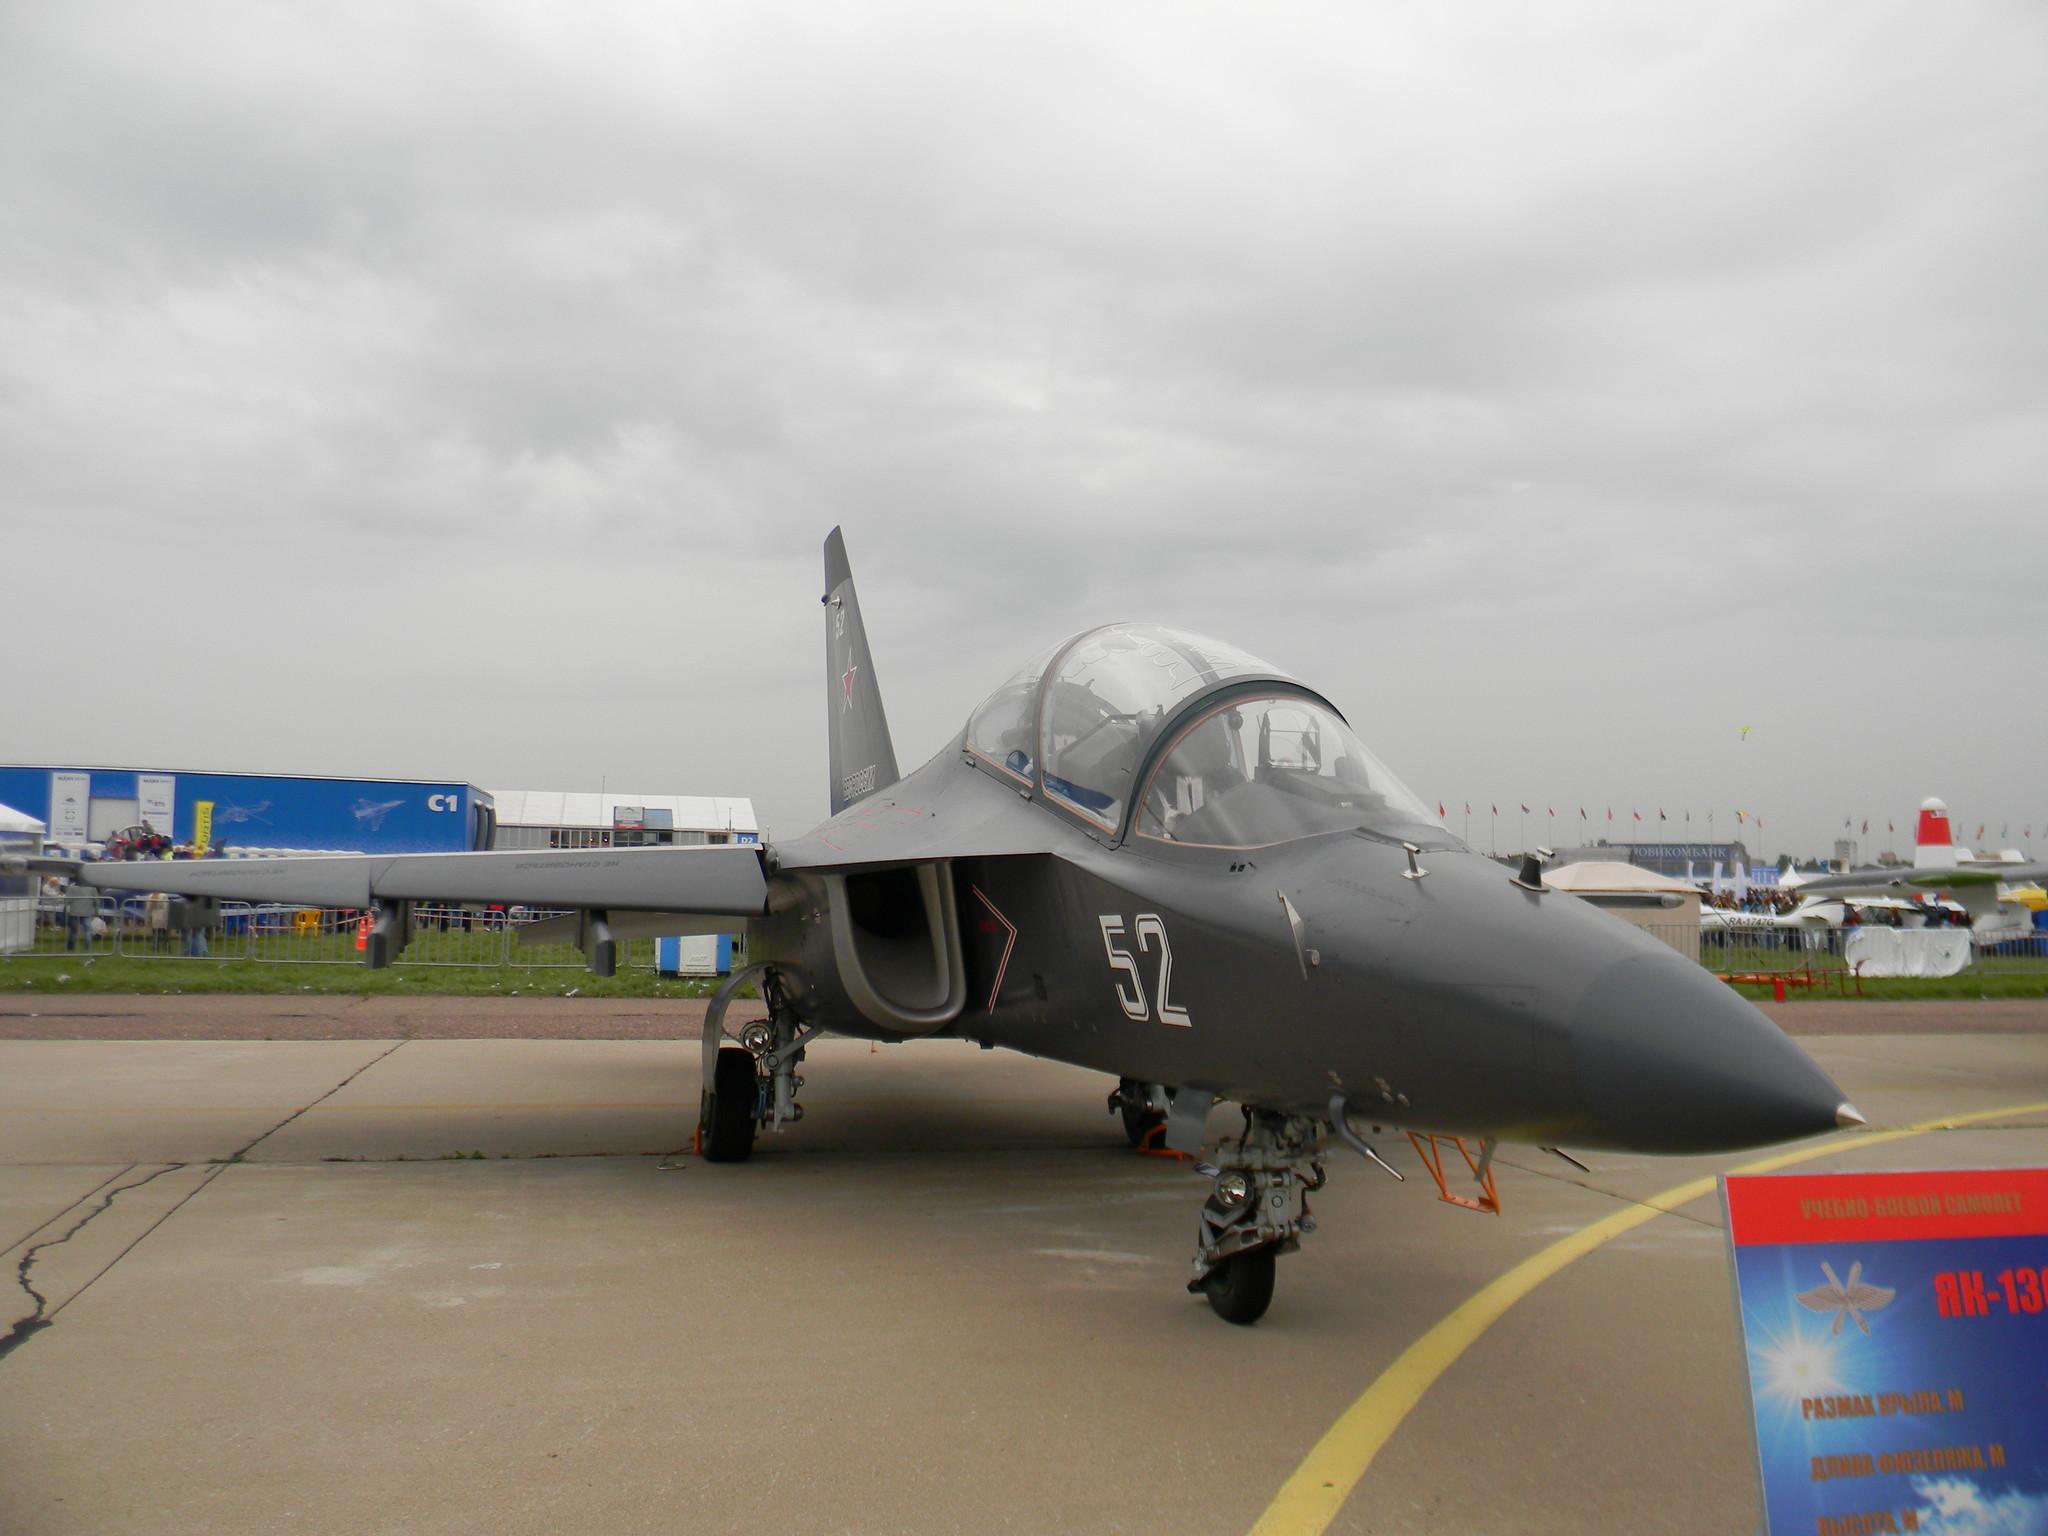 Двухместный реактивный учебно-боевой самолёт нового поколения Як-130